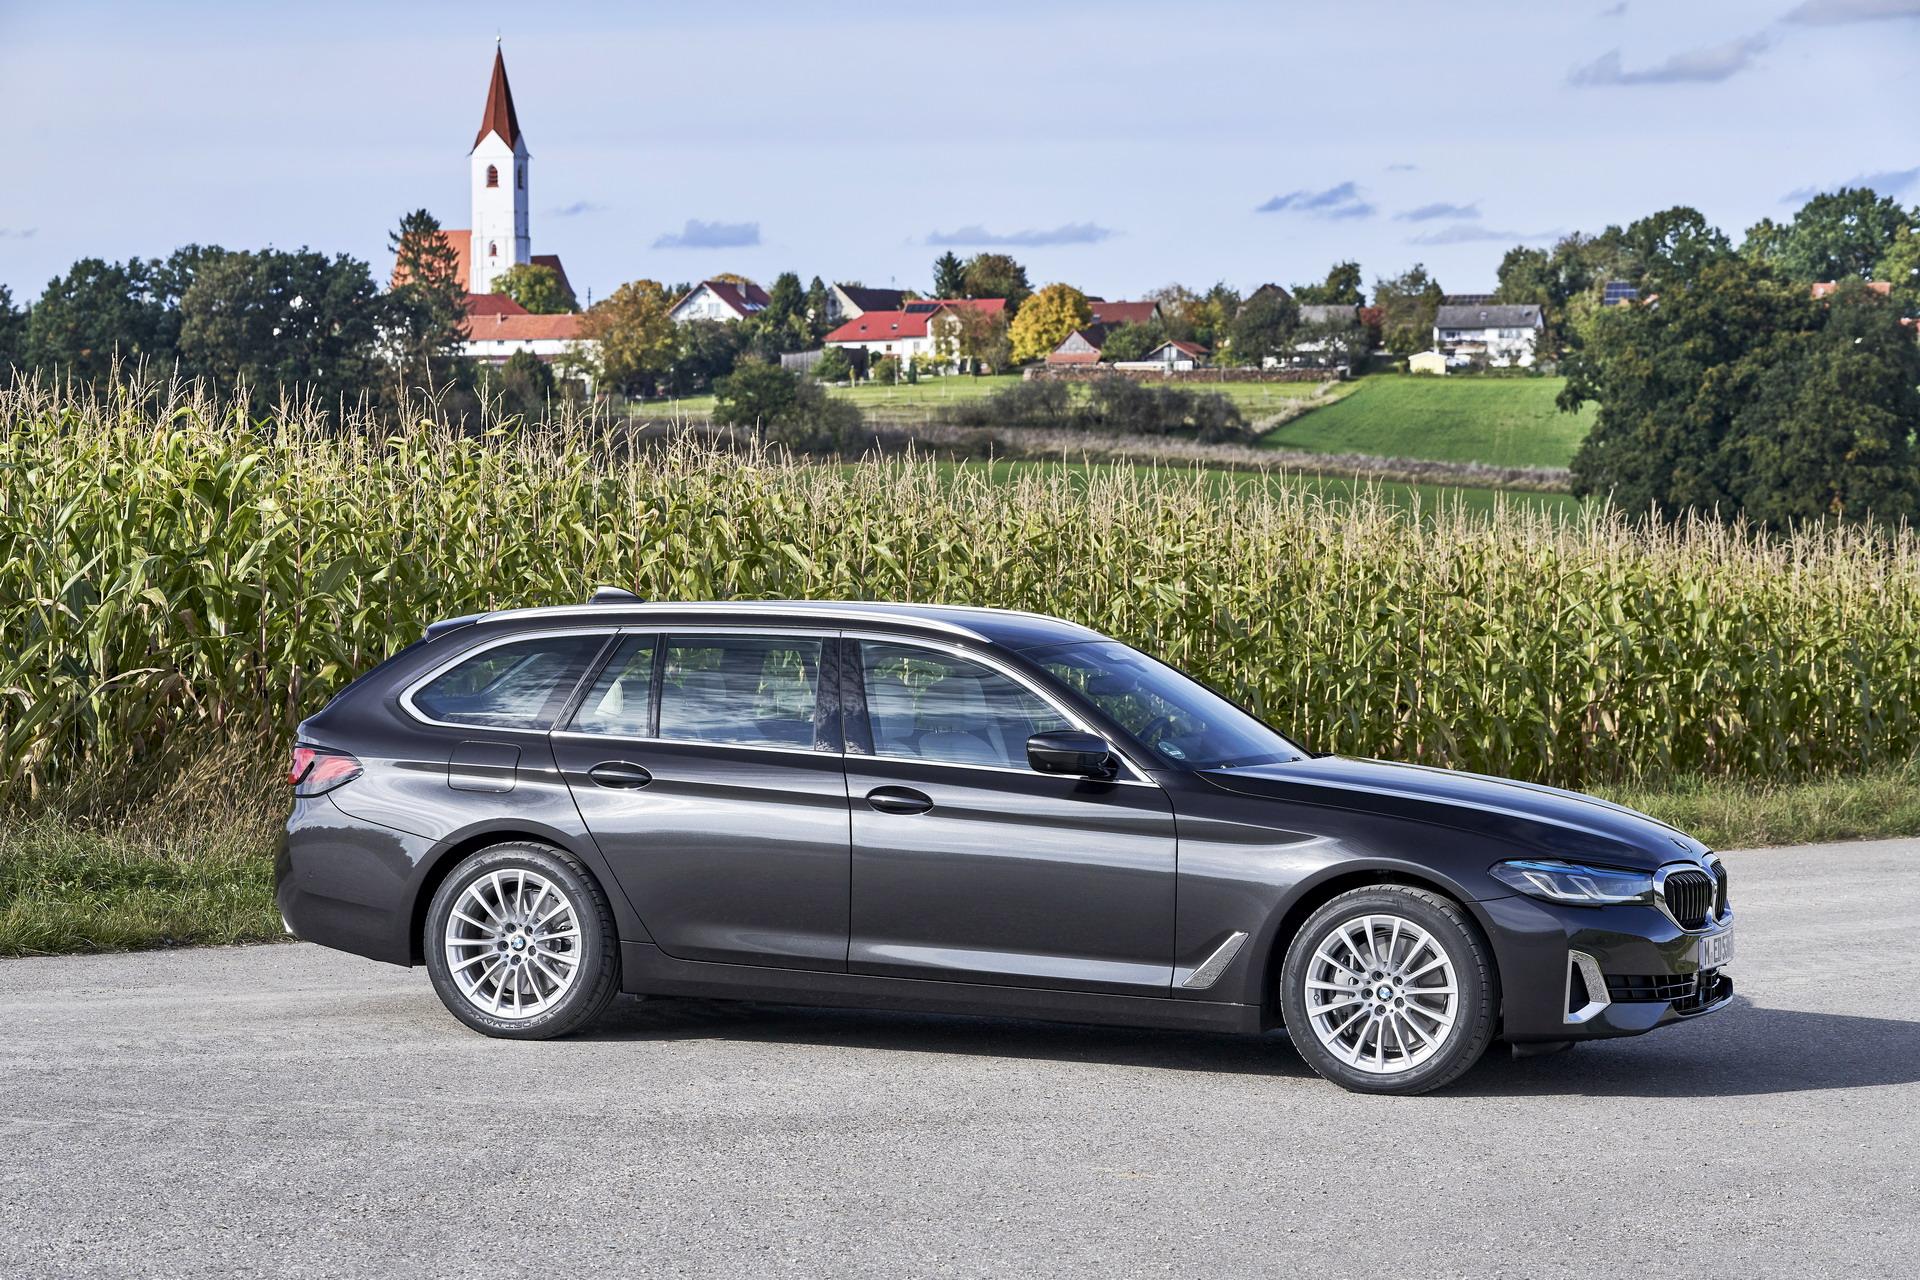 2021 BMW 530d xDrive Touring LCI 15